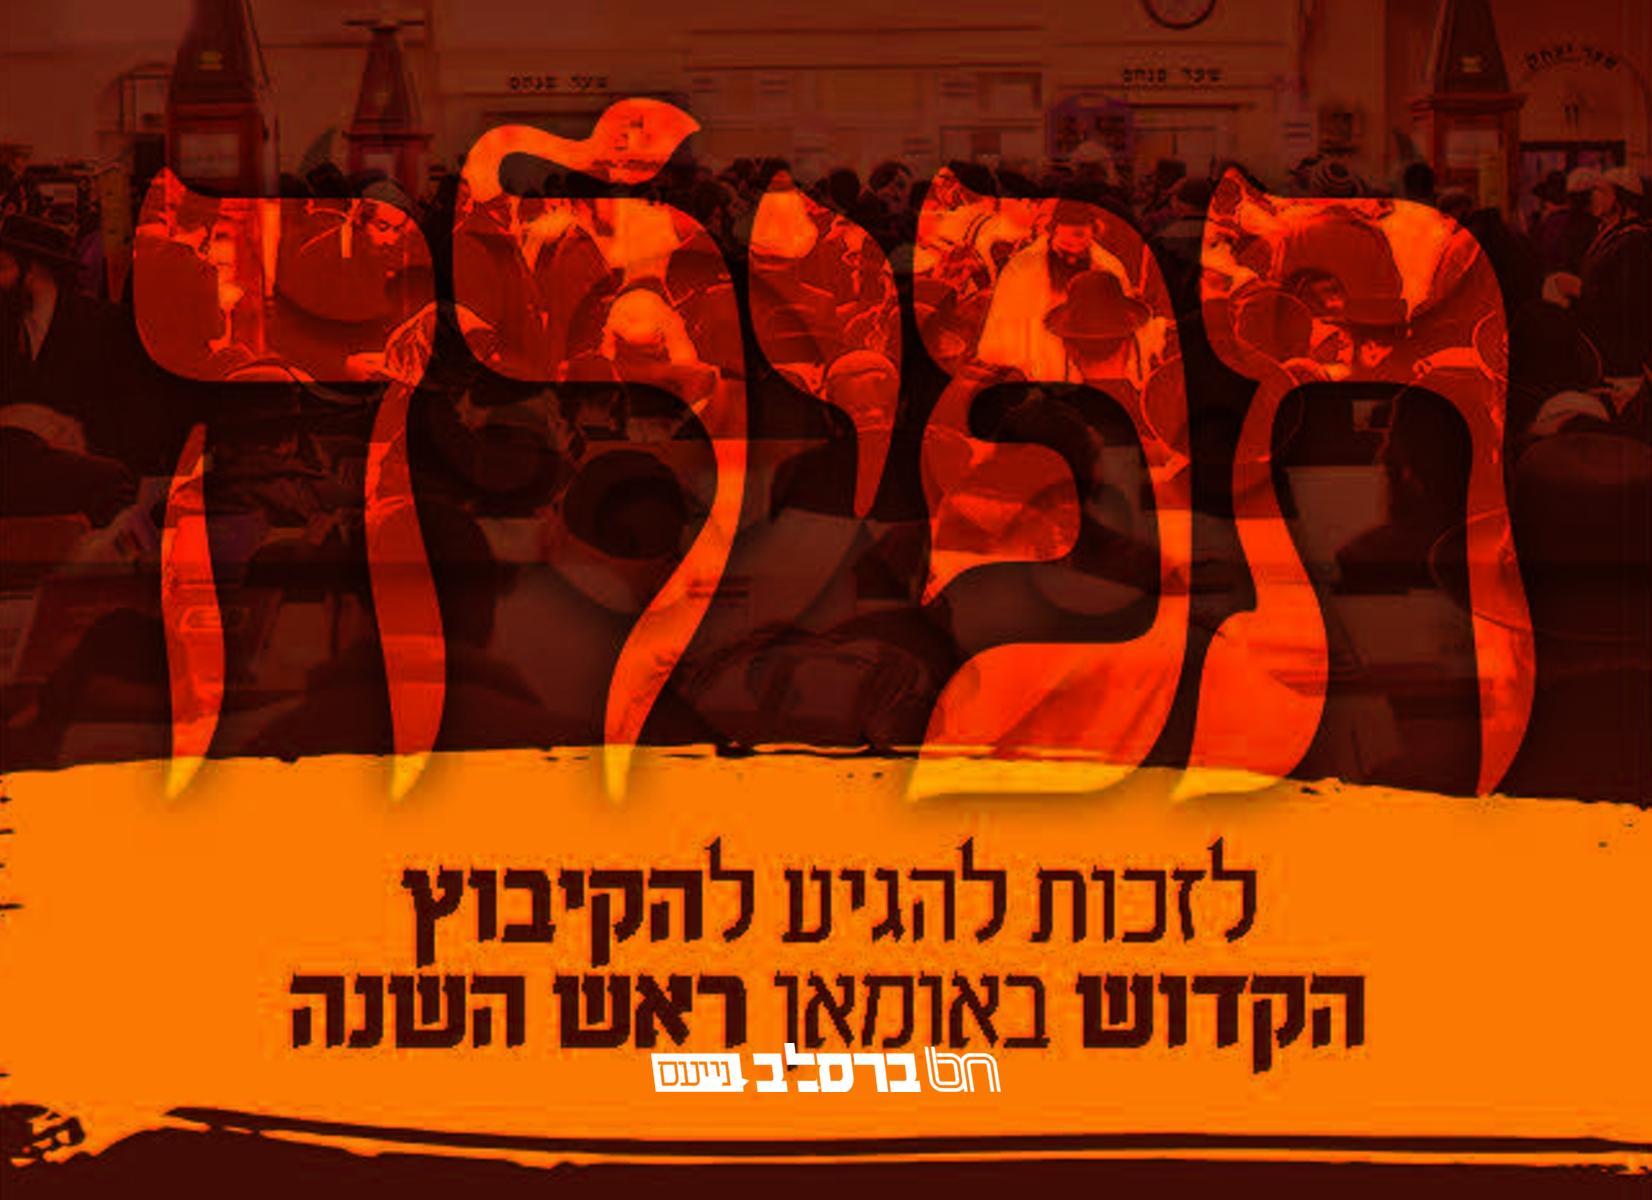 """קיבוץ תשפ""""א • בארה""""ב מופצים אלפי תפילות לזכות להגיע לקיבוץ – ע""""י קו """"מערכת ברסלב"""""""